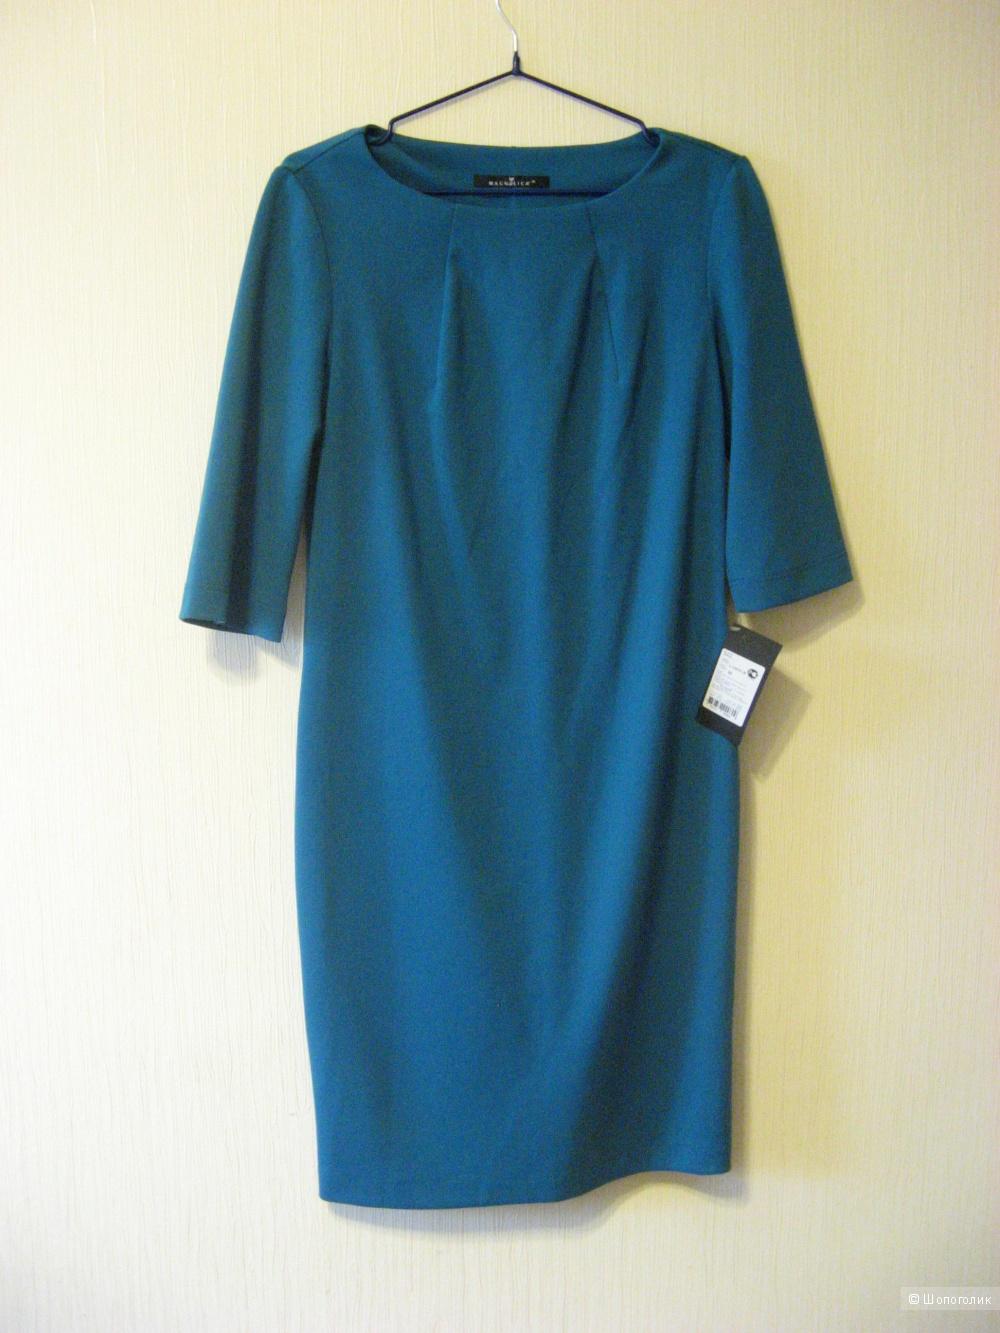 Продам платье женское Magnolica (Латвия) 46 р-р( размер производителя 38)